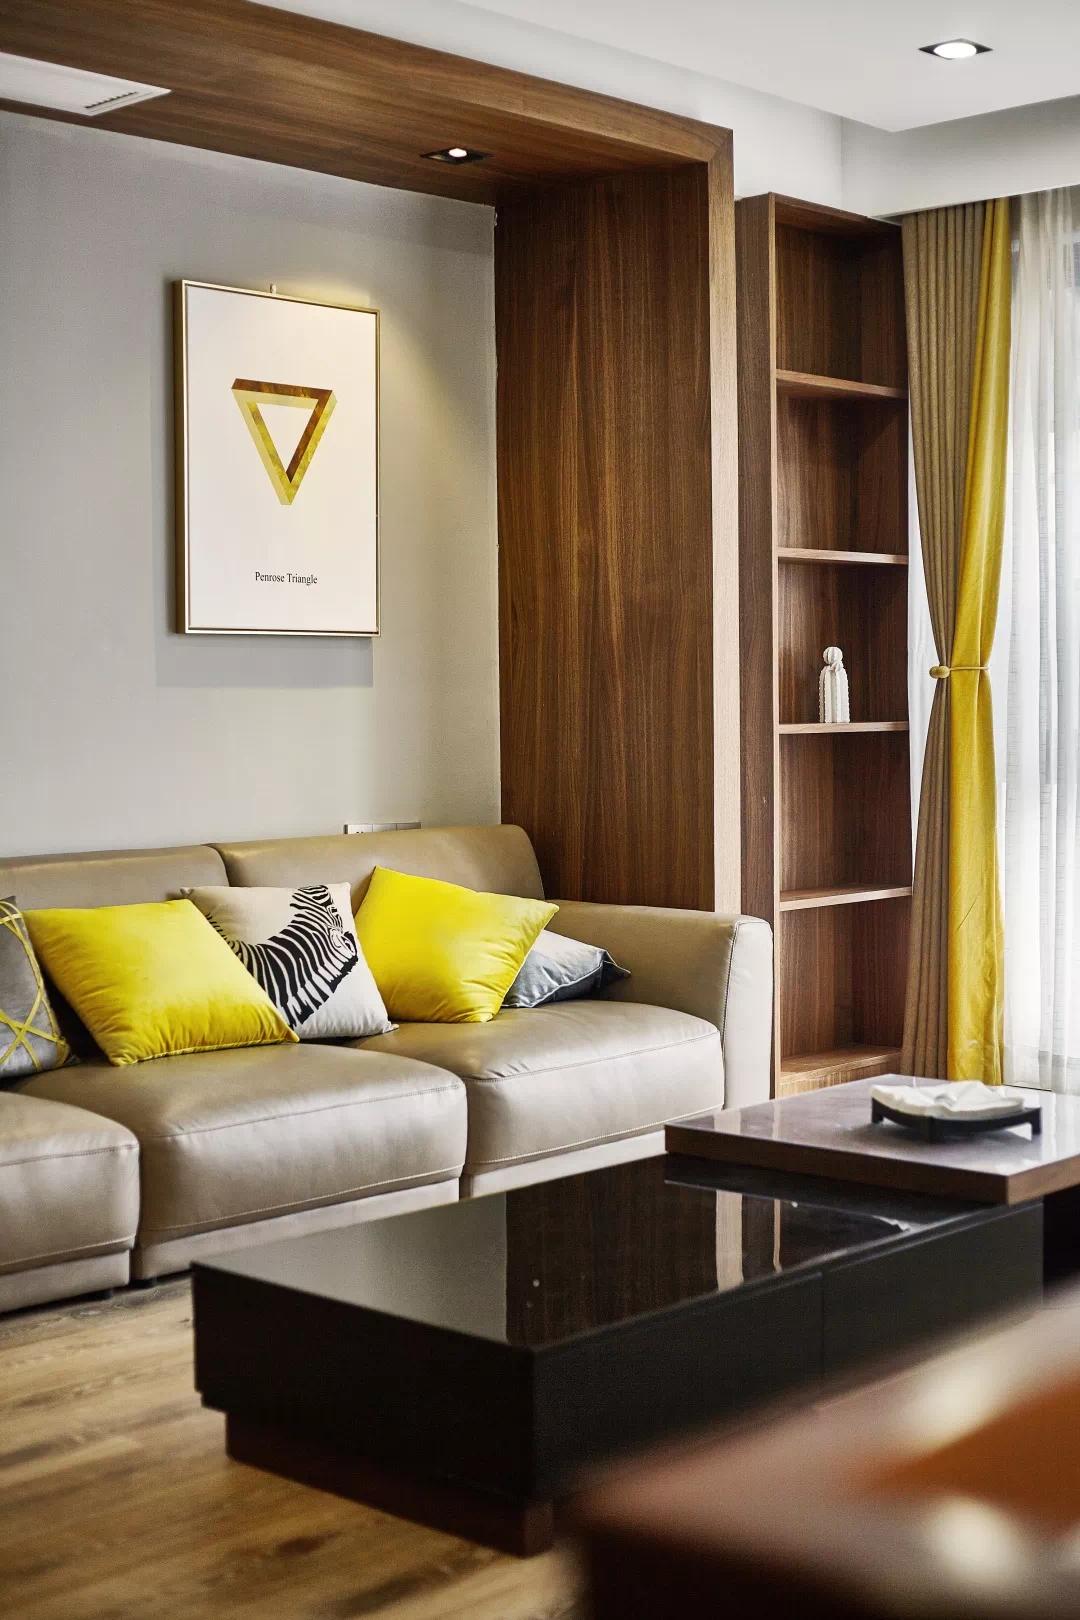 近200m²双层大house,现代生活,舒适,藏不住! 现代 舒适 装修设计 第19张